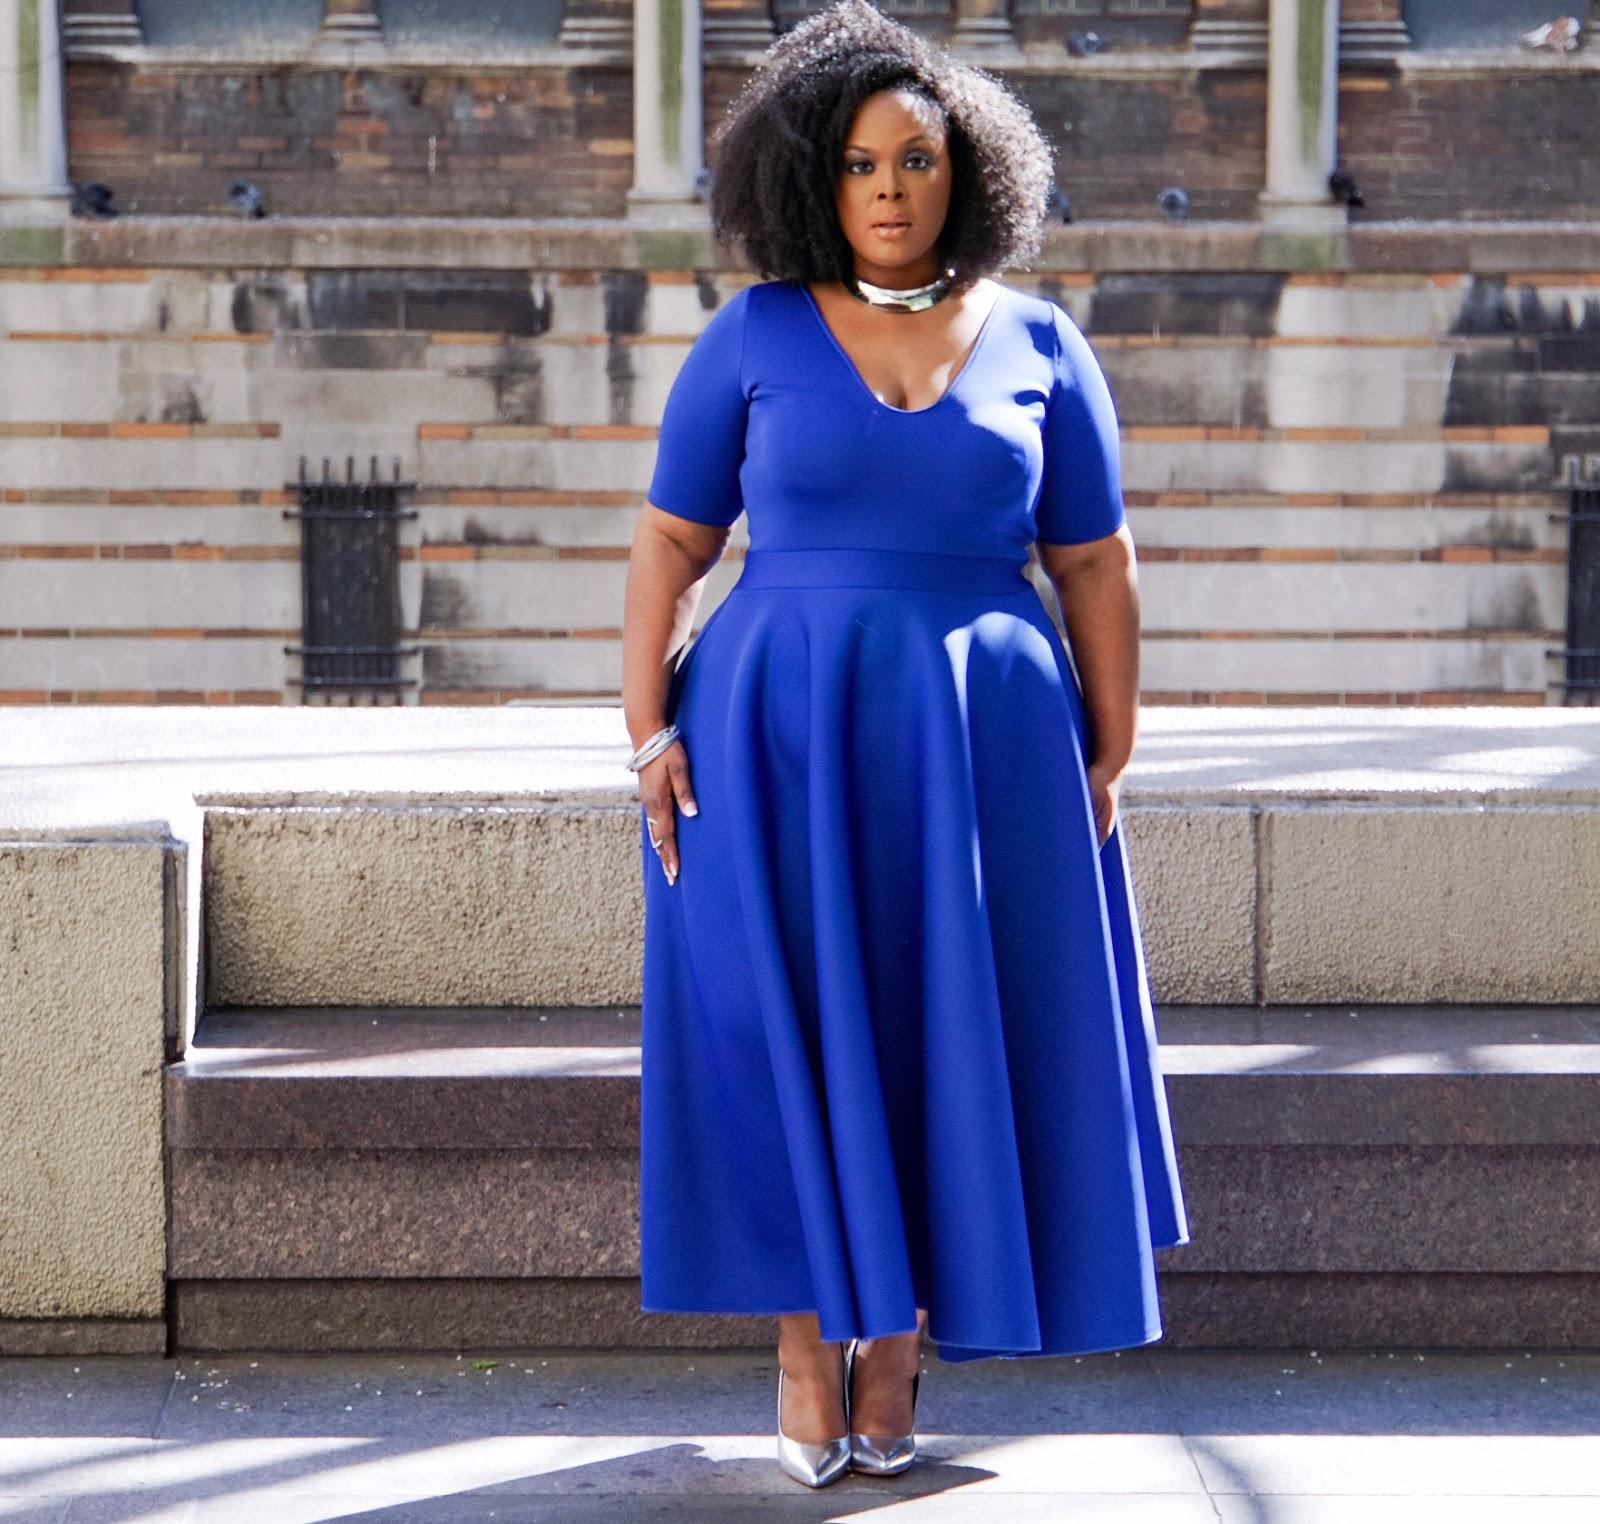 courtney noelle dress, courtney noelle blue dress, khloe dress courtney noelle